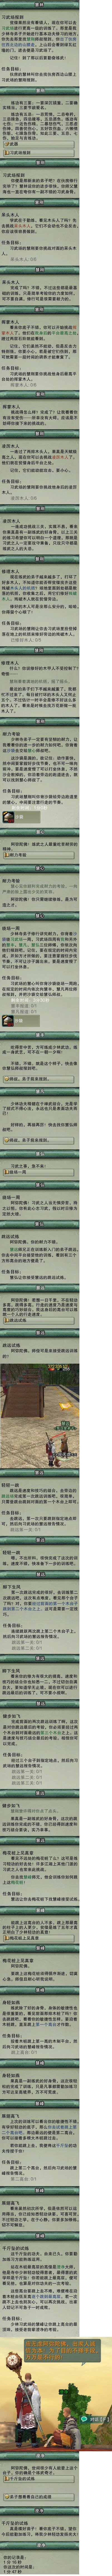 主线任务02 - 习武场.jpg